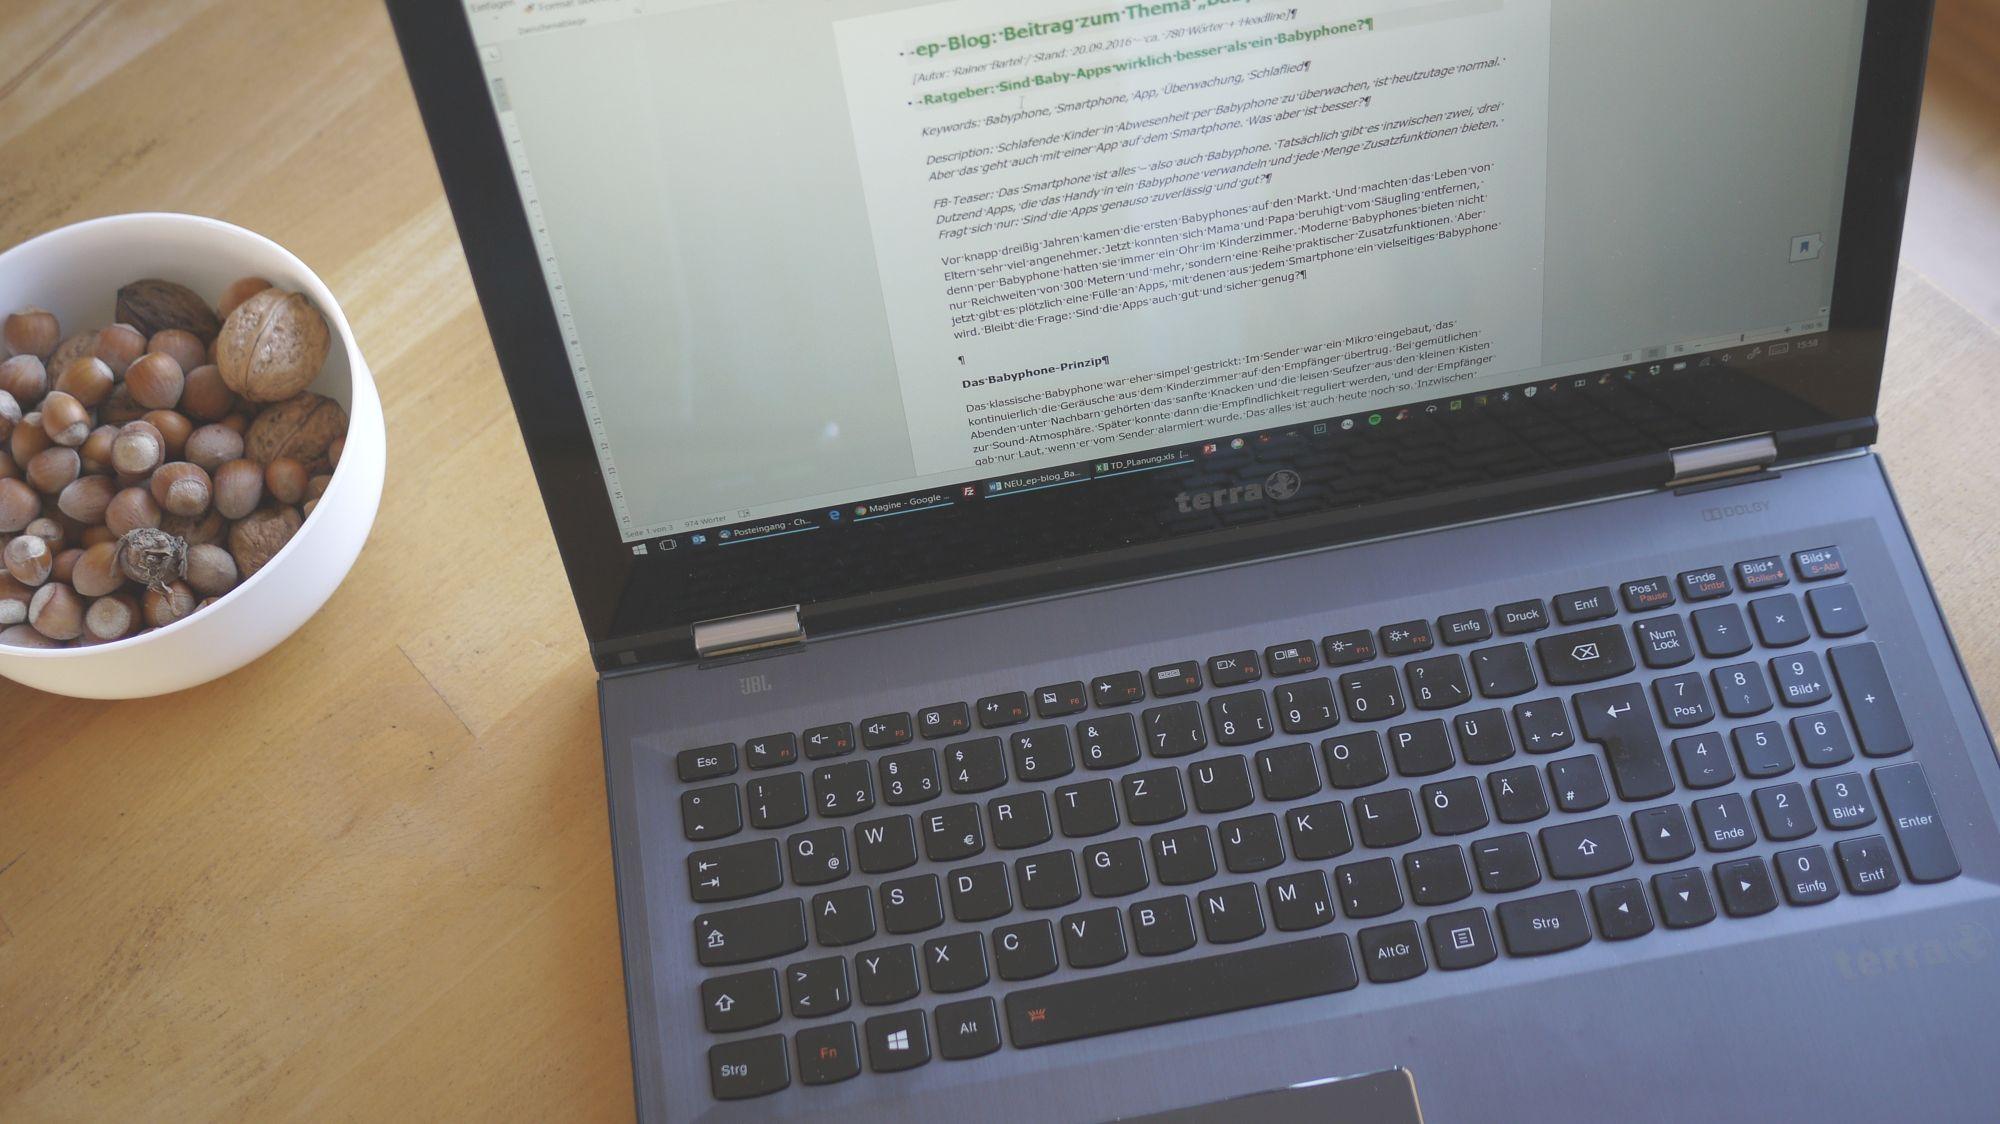 Das 2-in-1-Notebook als klassischer Laptop - hier mein Terra PC von Wortmann (eigenes Foto)